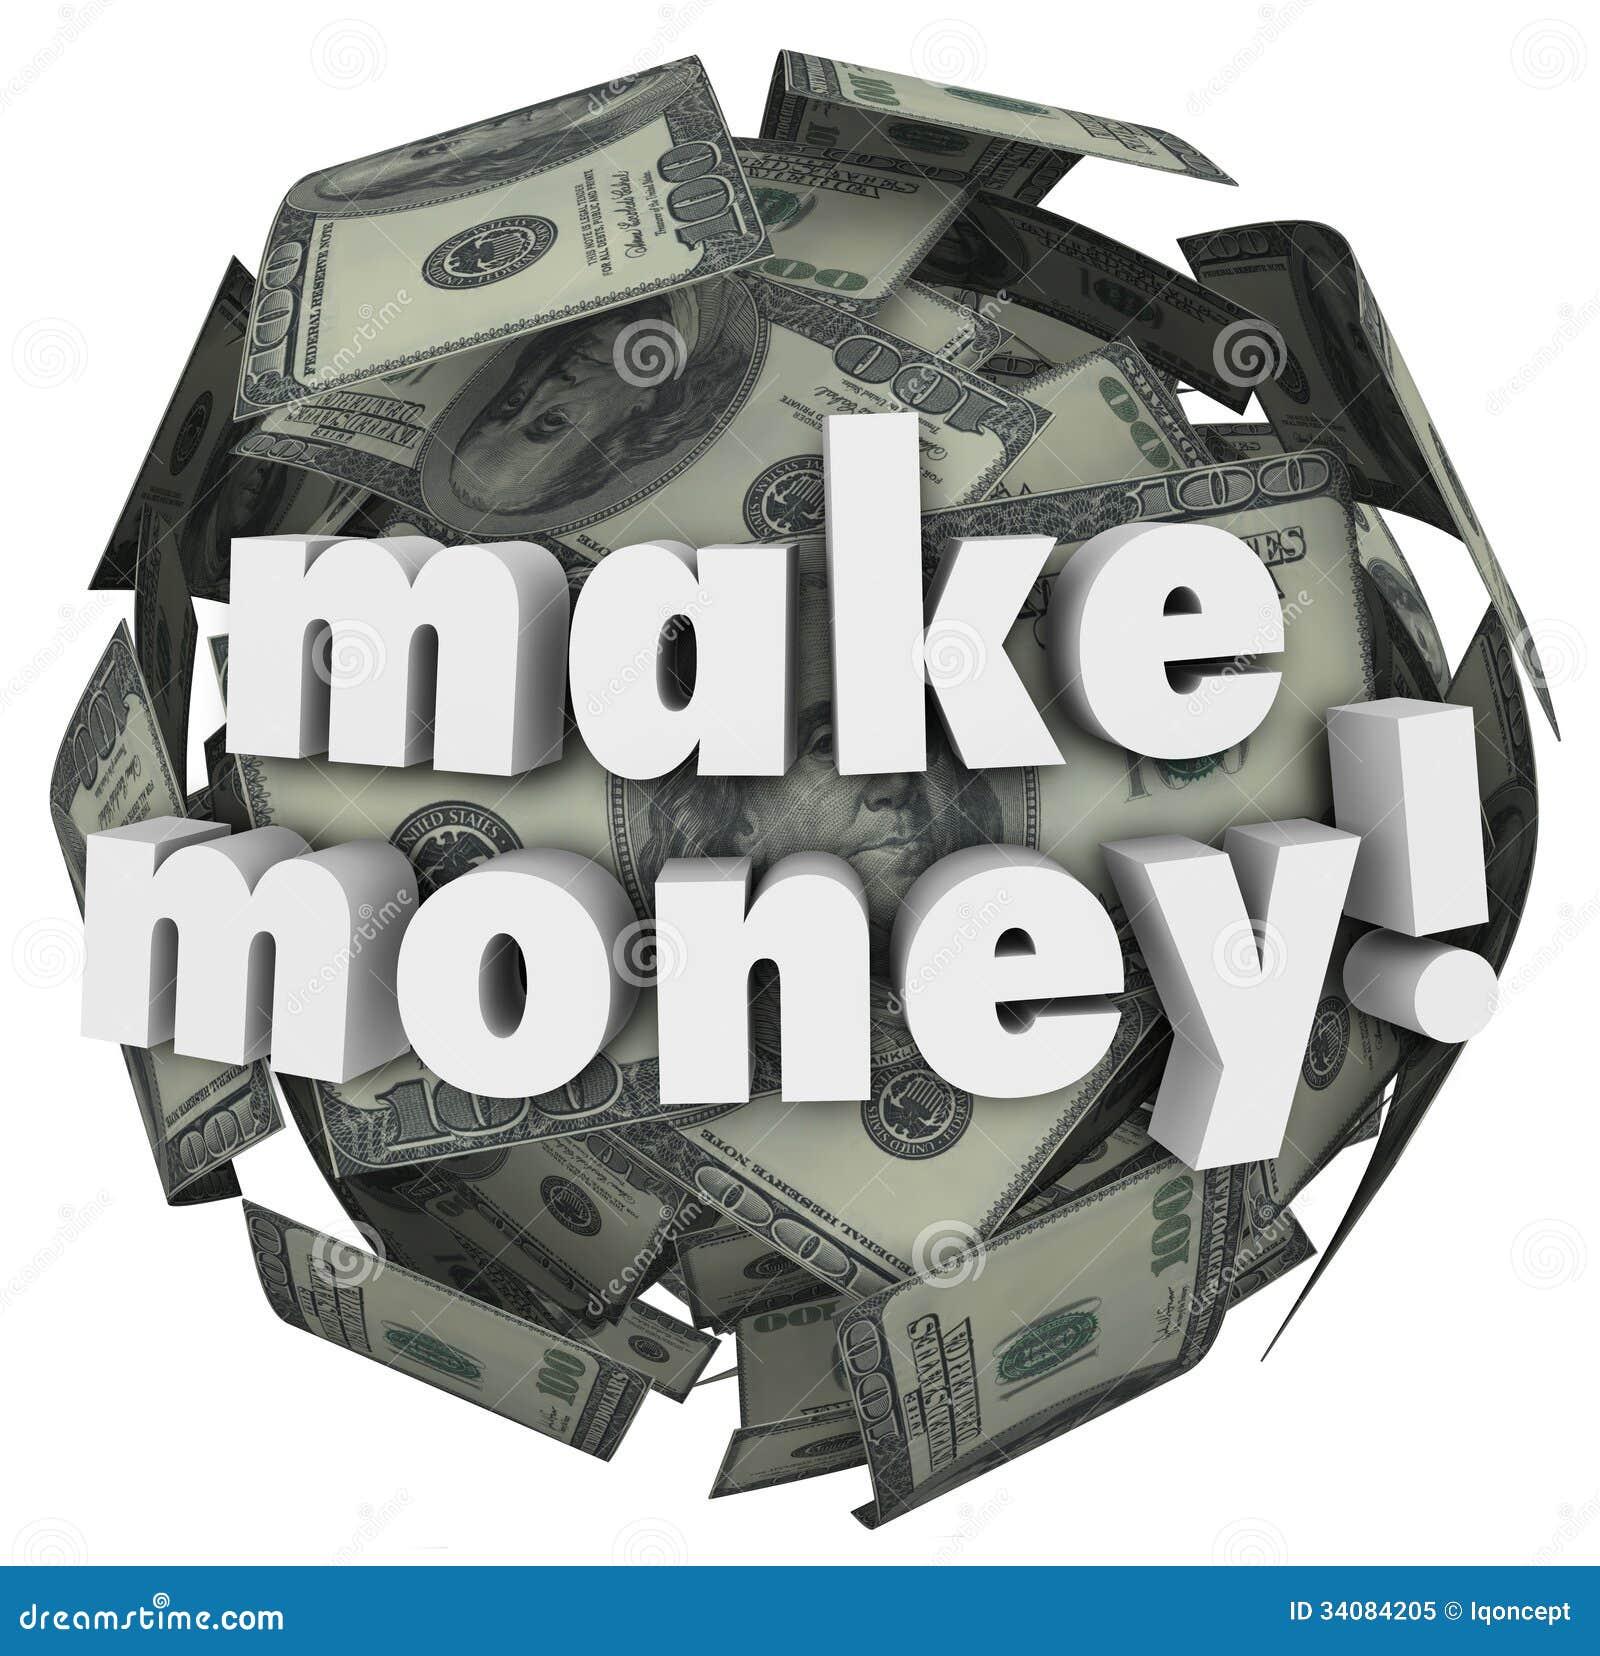 Make a profit Synonyms, Make a profit Antonyms